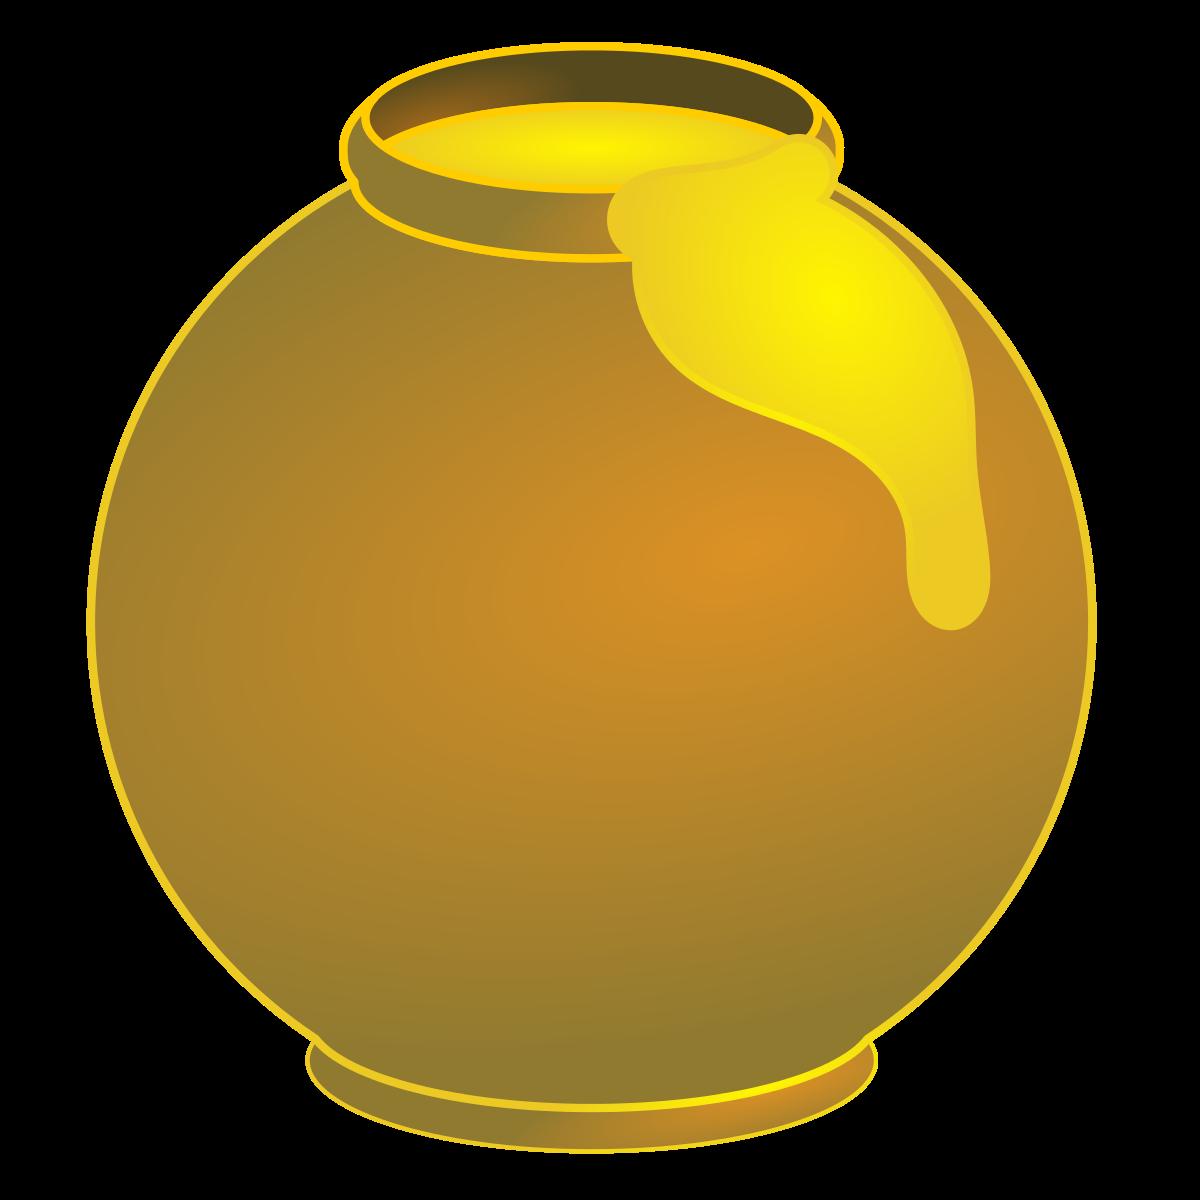 Honeypot wikipedia . Honey clipart hunny